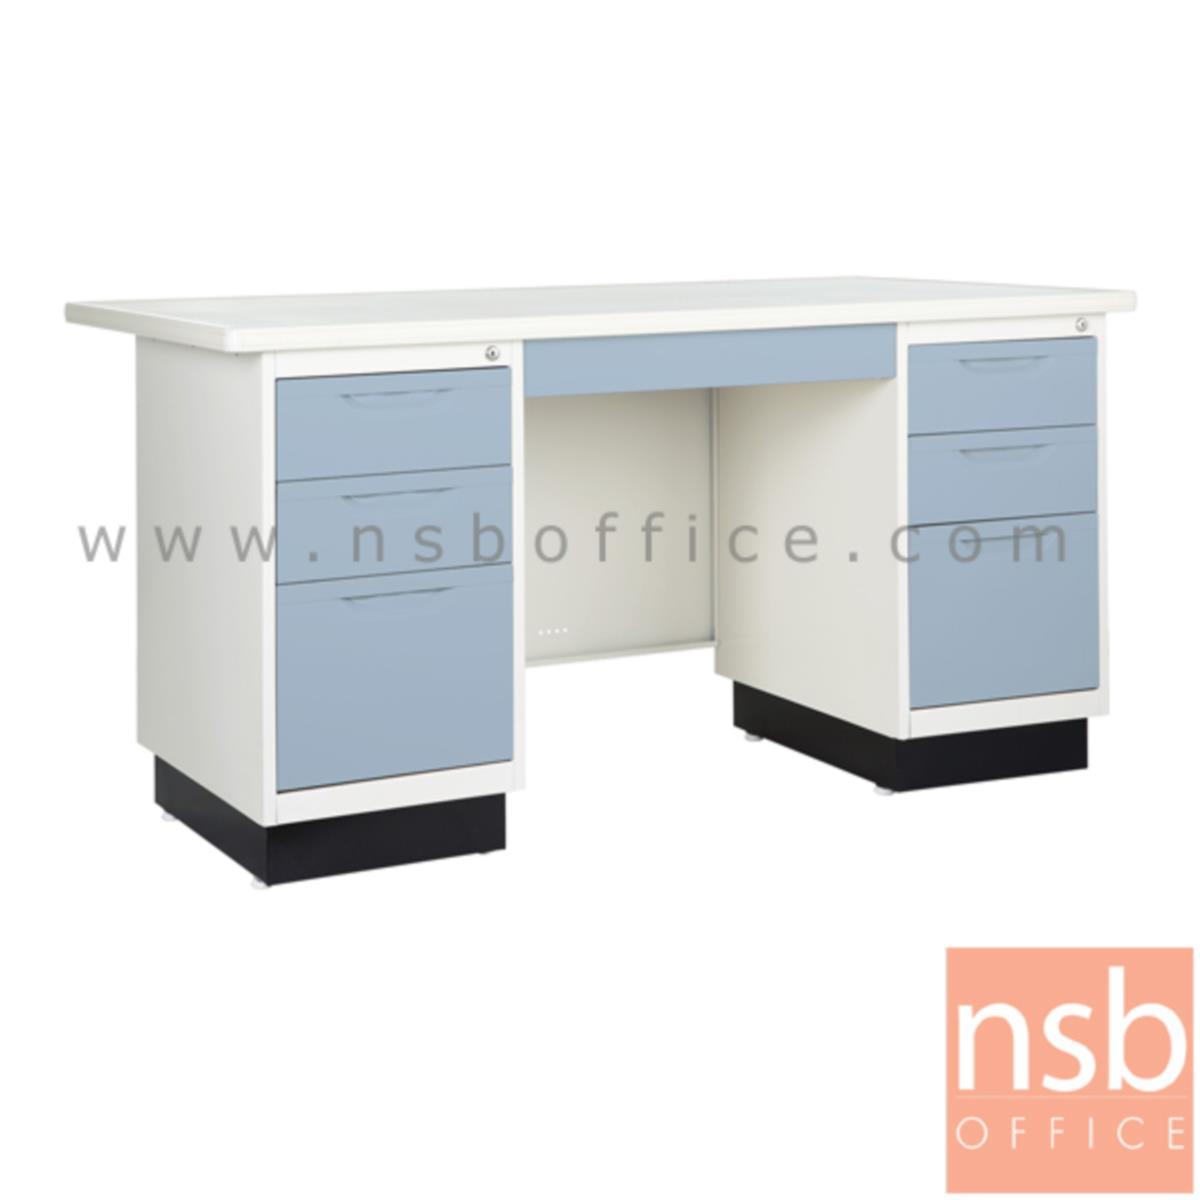 โต๊ะทำงานหน้าเหล็ก 7 ลิ้นชัก รุ่น BS-8956 ขนาด 4.5 ,5 ฟุต